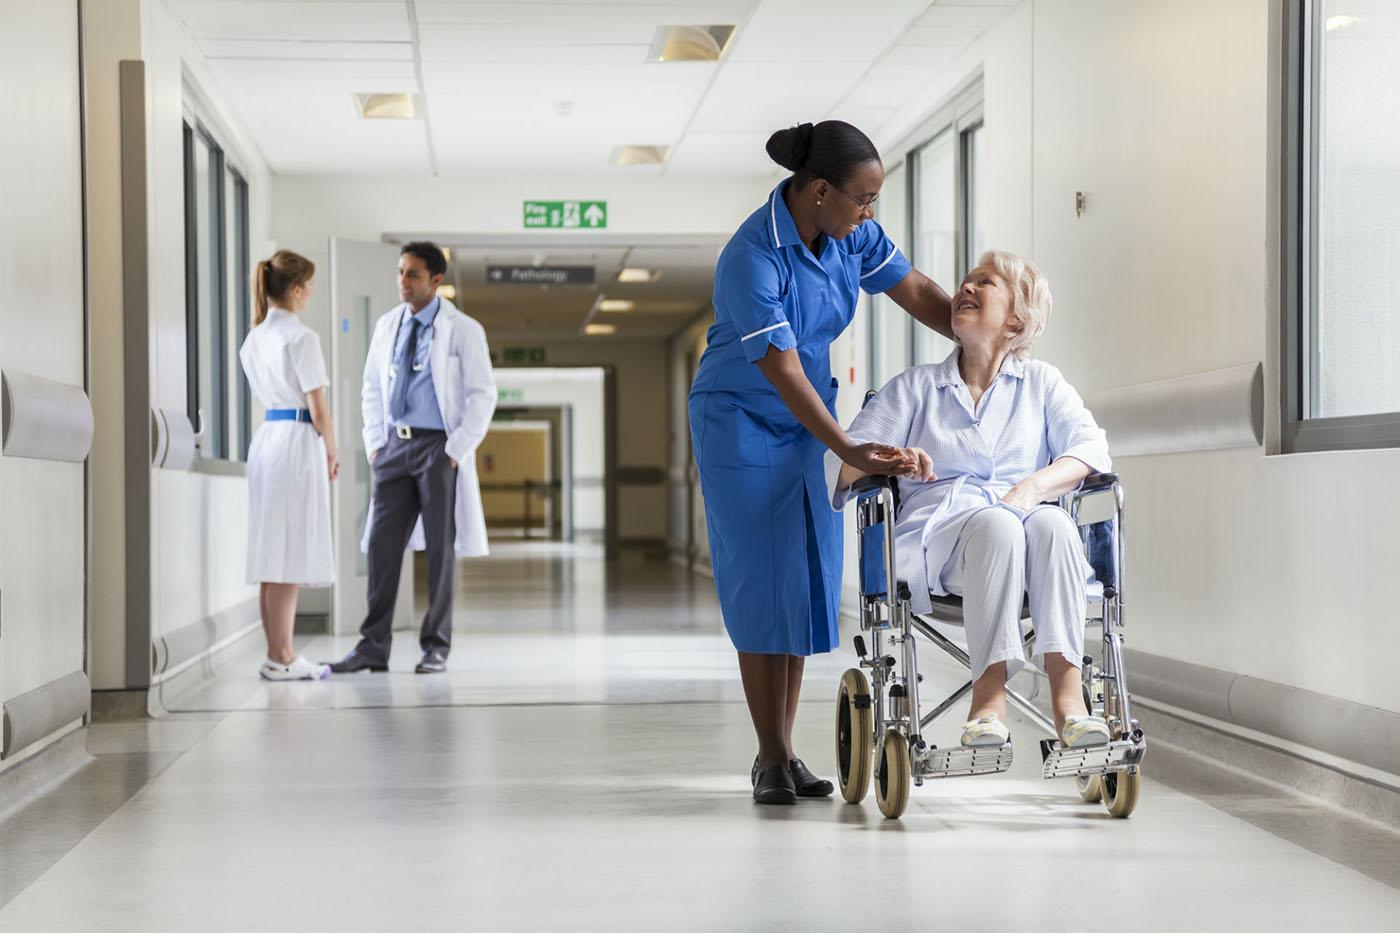 NHS Translation Services